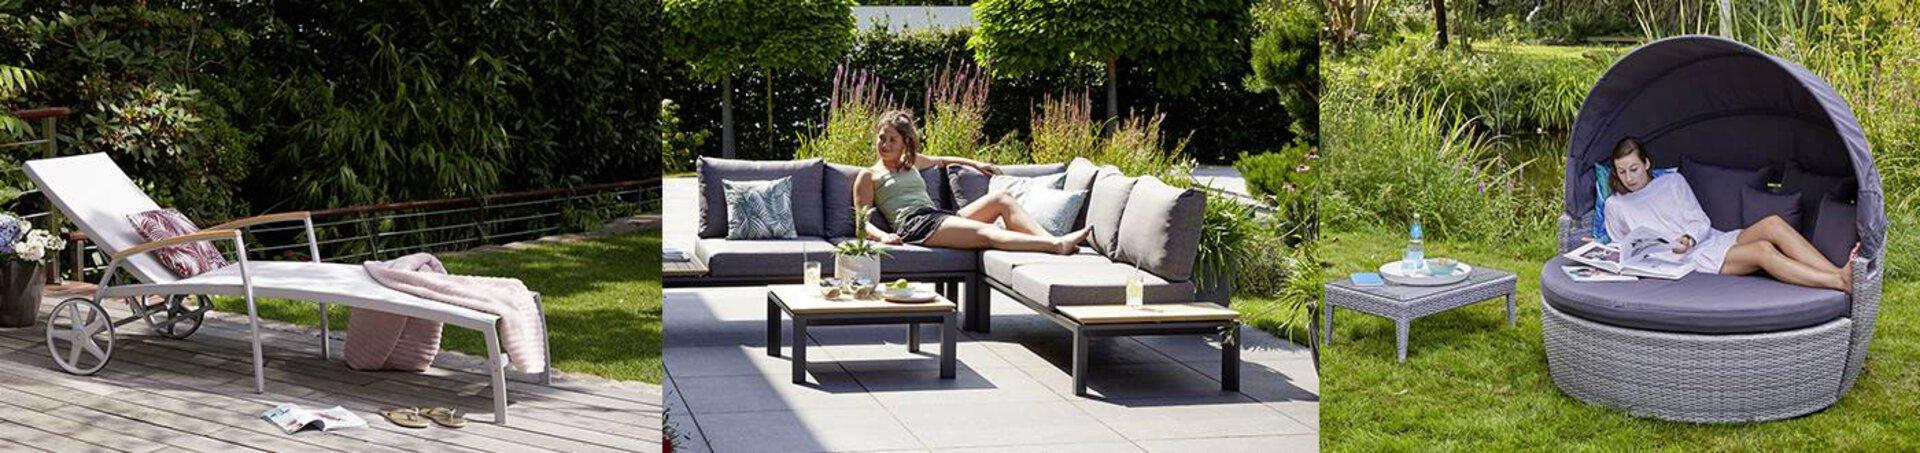 Titel-Banner-Bild zu Möbel-Gütepass - Gartenmöbel